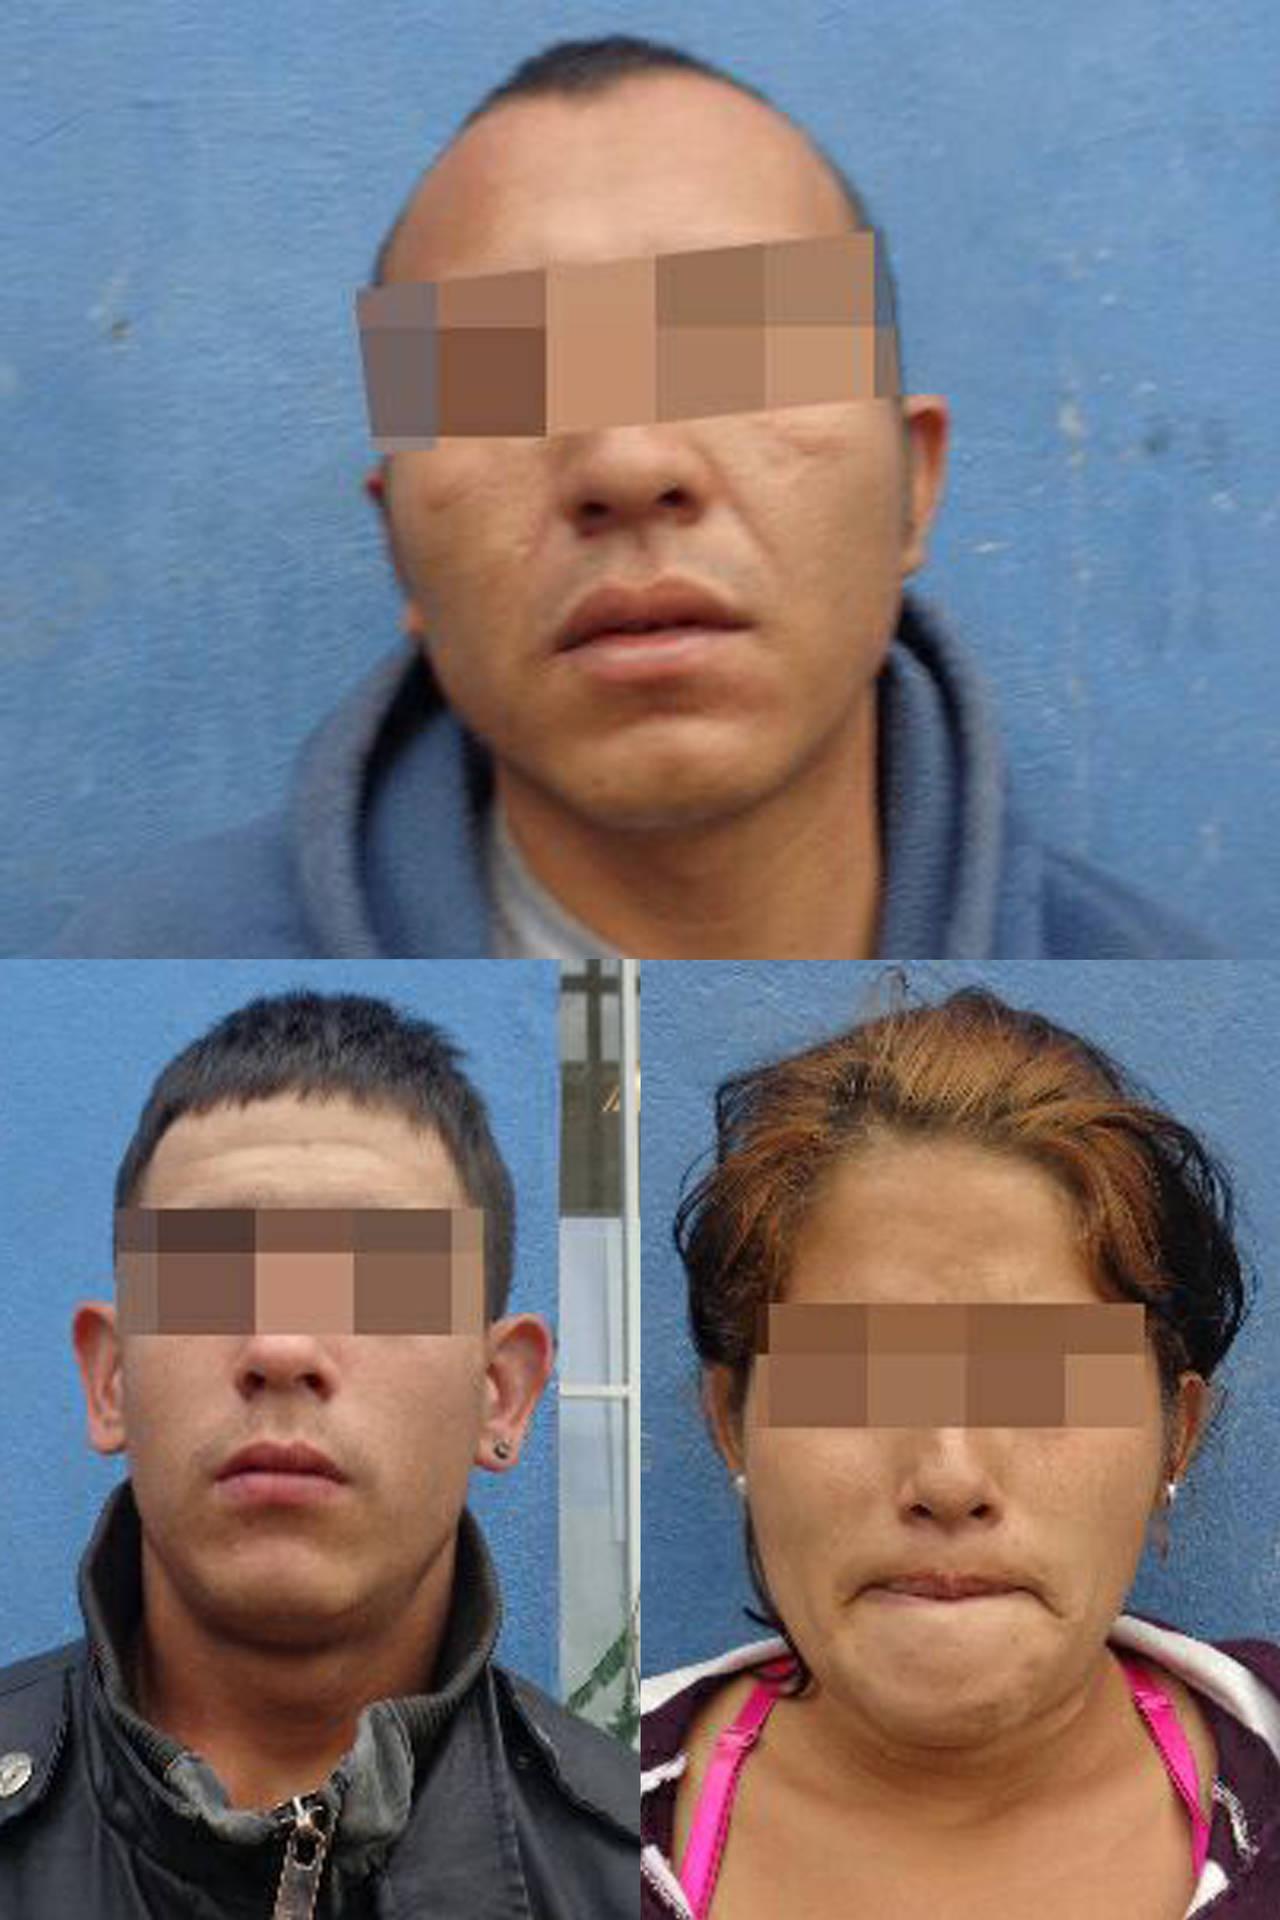 Acusan a tres por robo a casa en el ejido La Partida